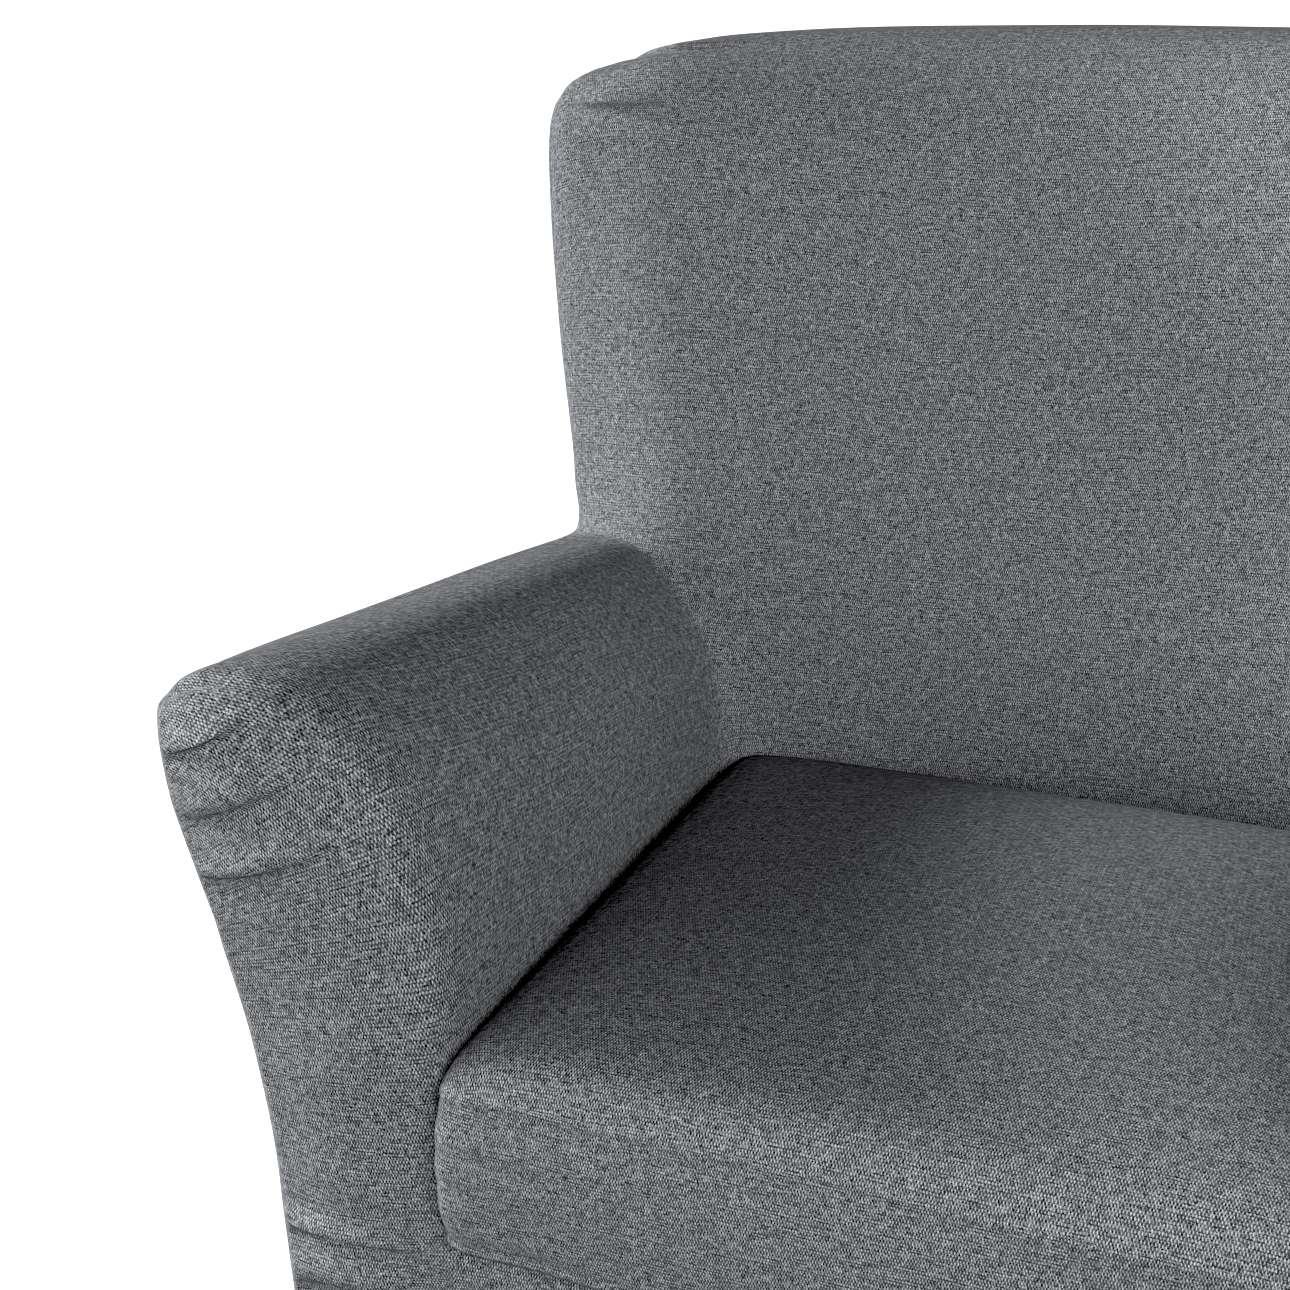 Pokrowiec na fotel Tomelilla z zakładkami w kolekcji Amsterdam, tkanina: 704-47